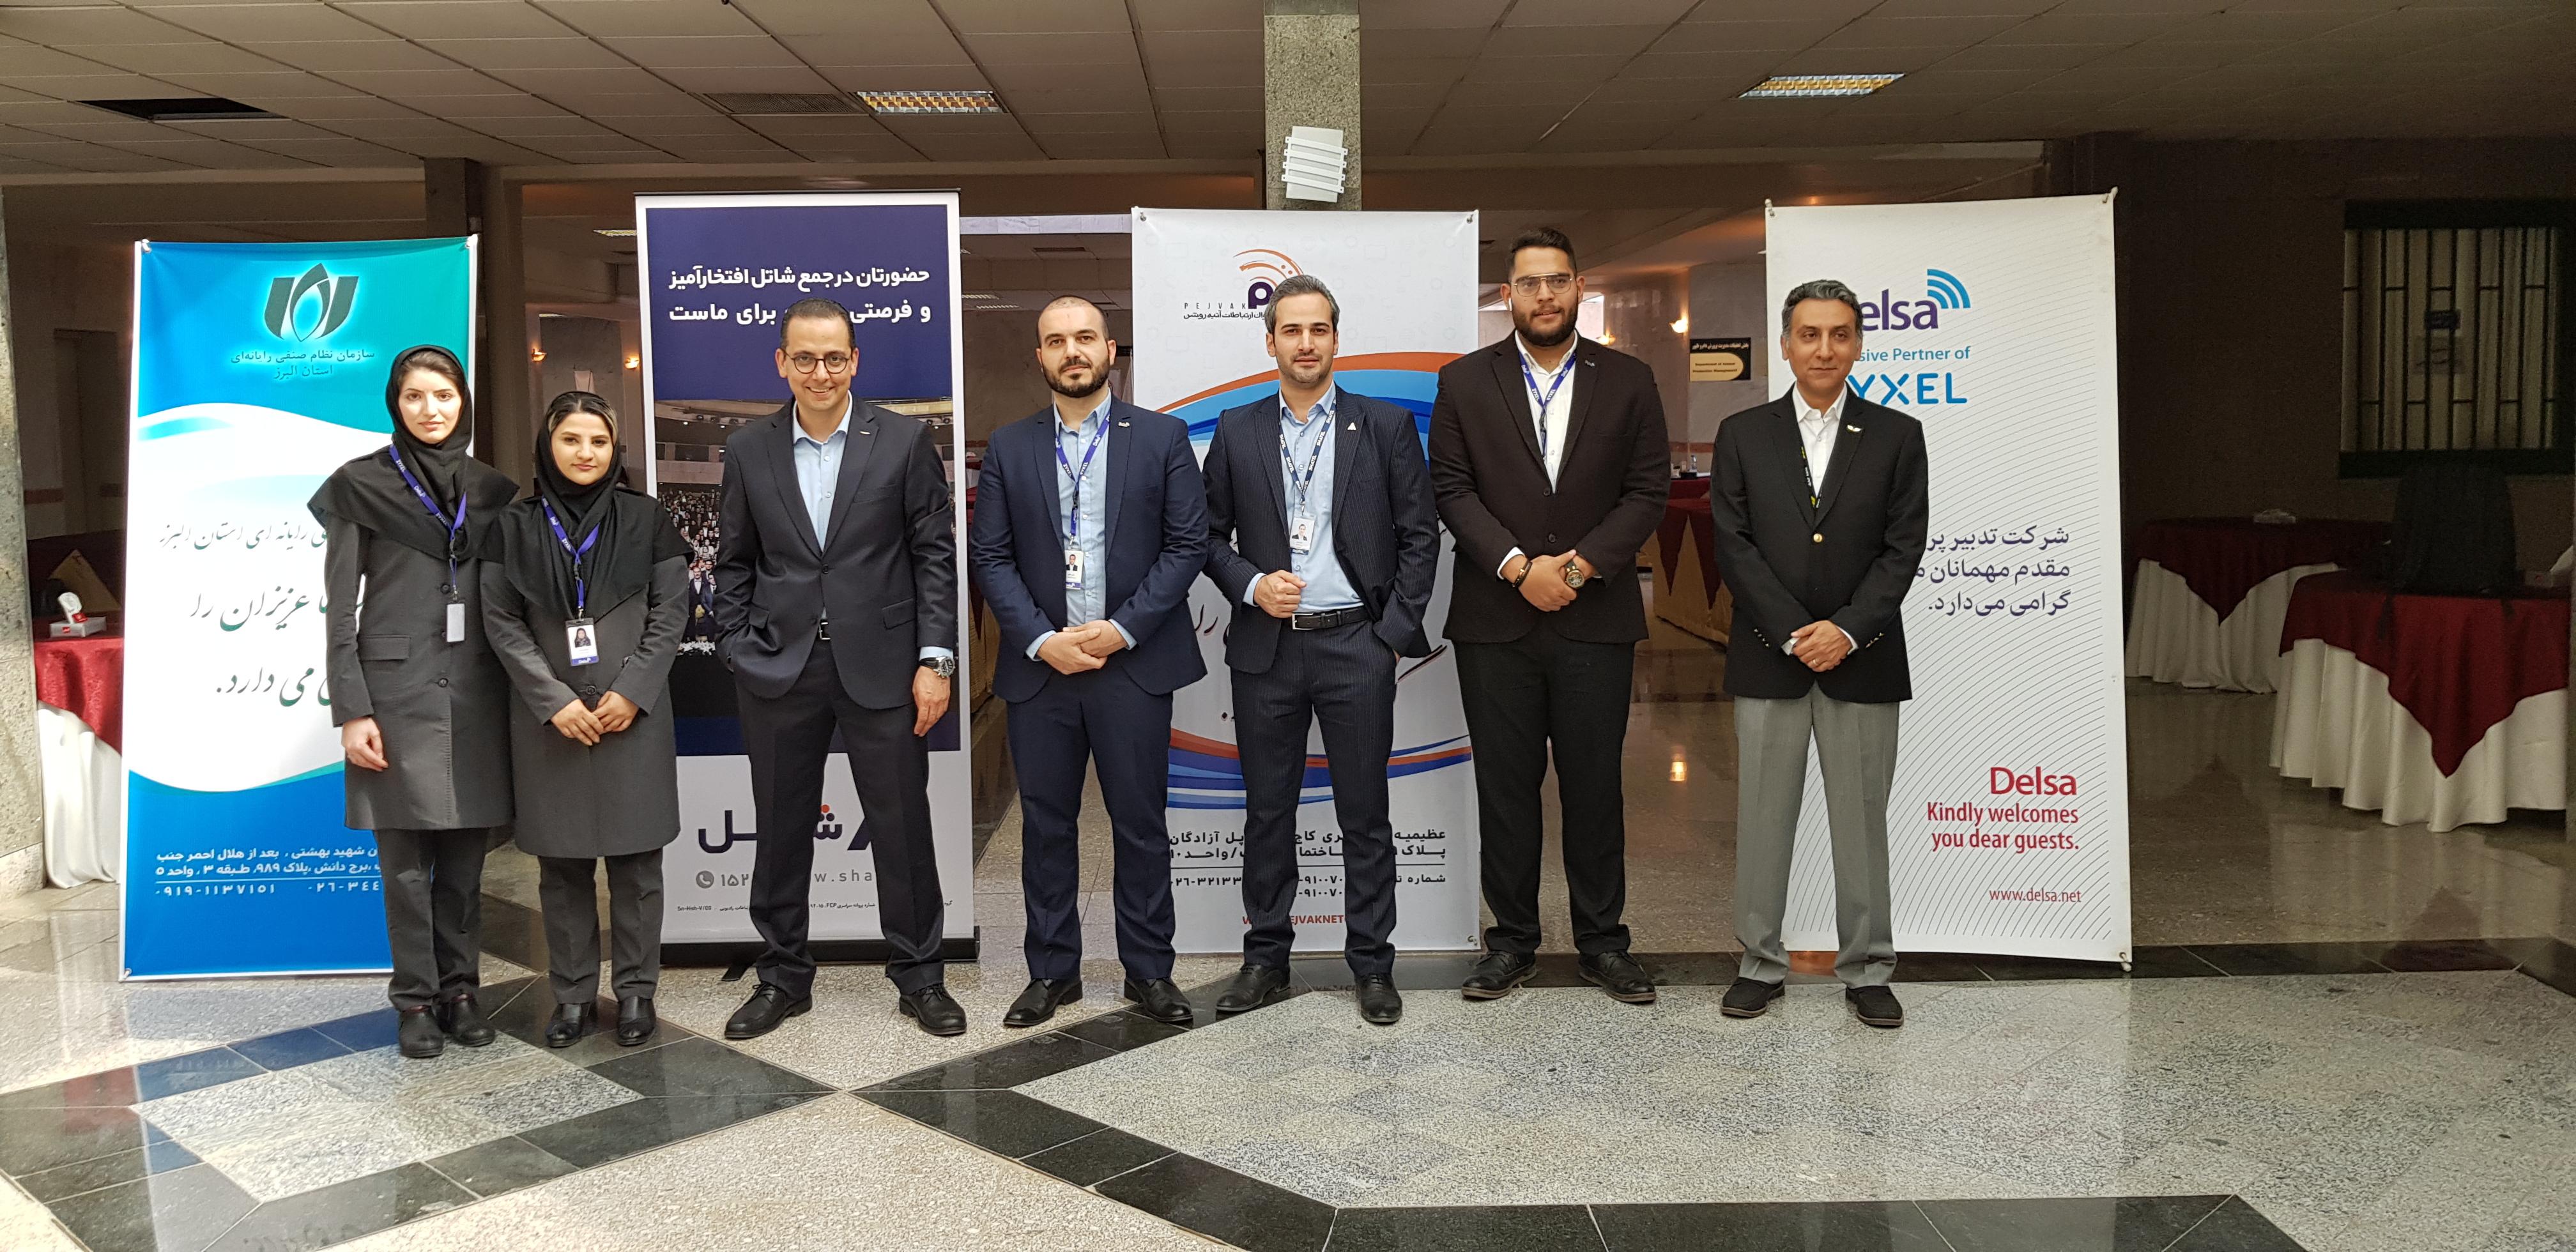 همایش کاربردی راهکارهای فناوری اطلاعات در استان البرز-کرج